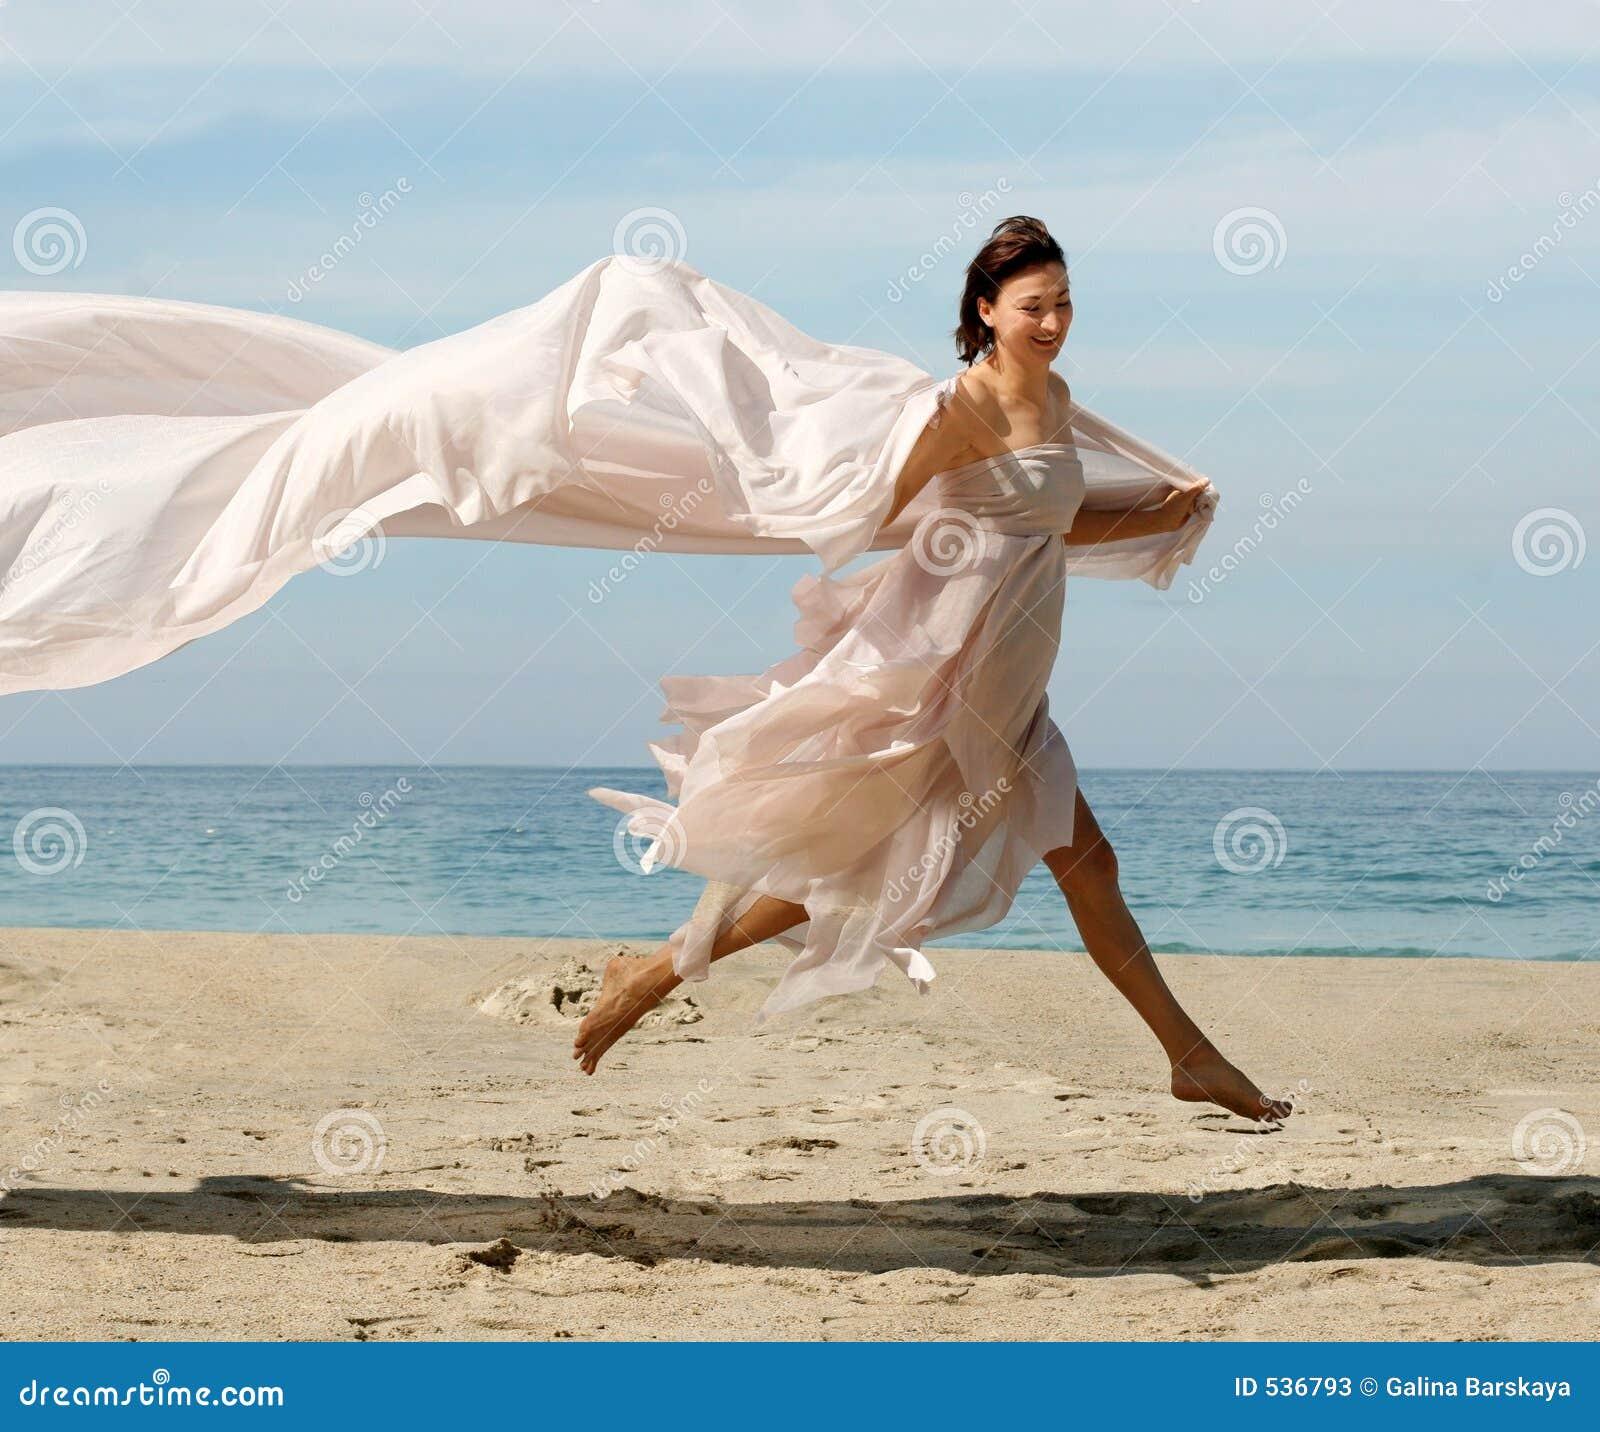 Download 海滩愉快的妇女 库存图片. 图片 包括有 云彩, 蓝色, 女孩, 女性, bren, 照亮, 乐趣, 幸福, 异乎寻常 - 536793